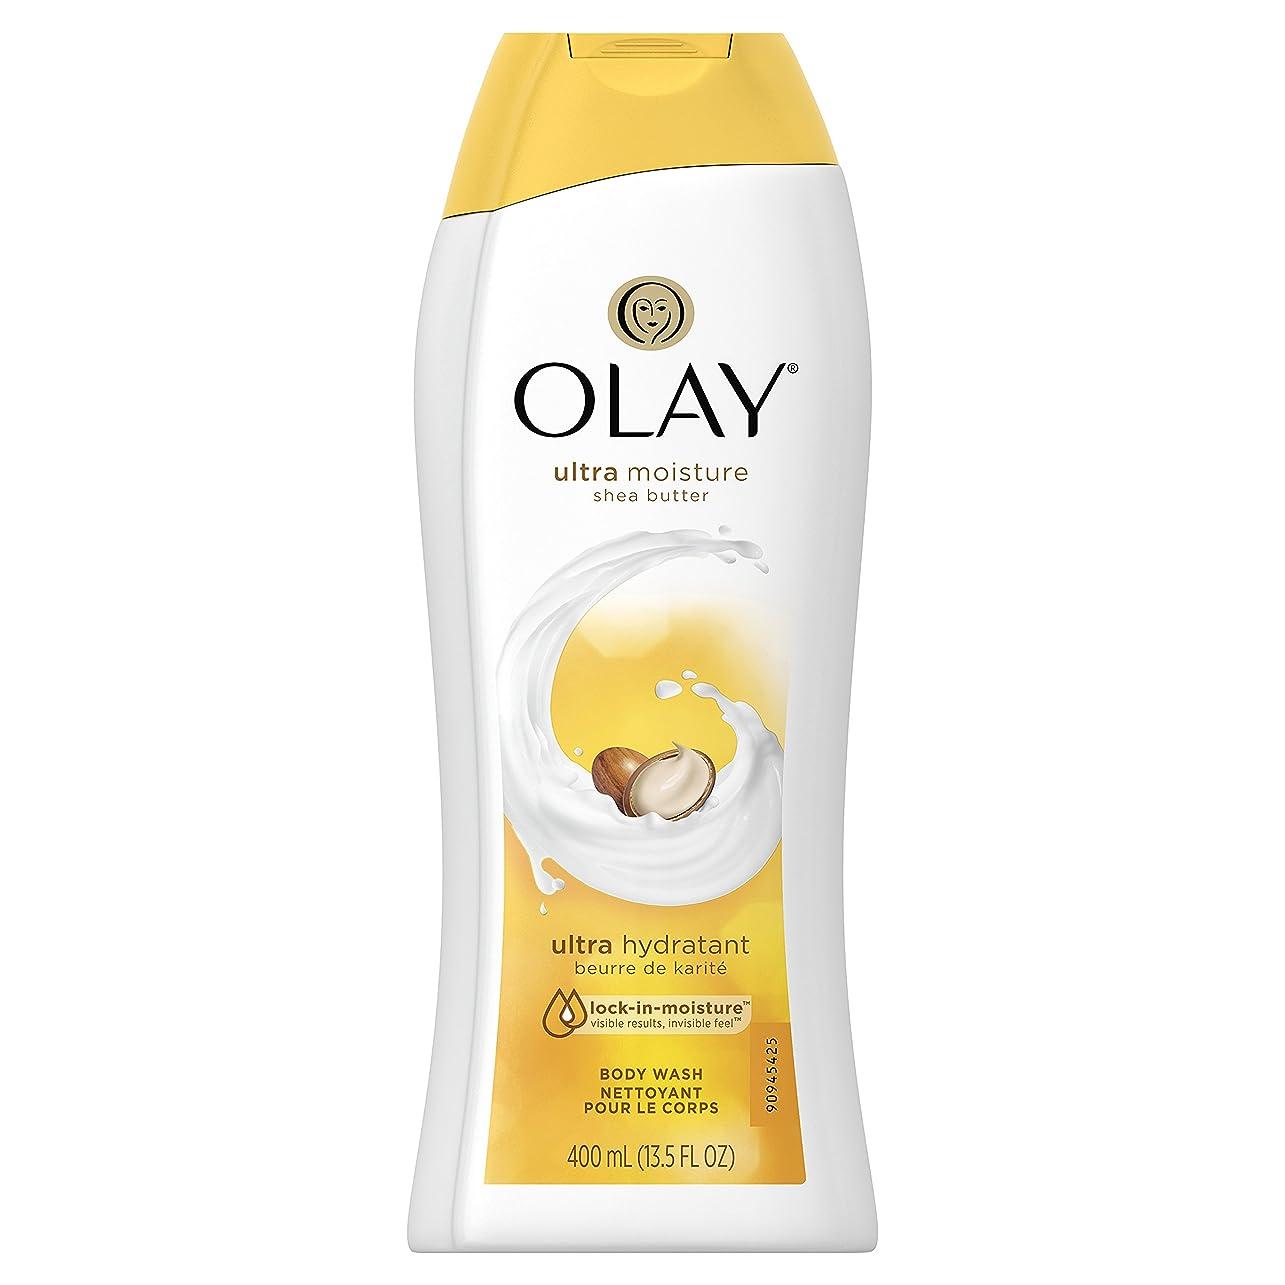 エスカレート呼吸でもOlay Ultra Moisture Moisturizing Body Wash With Shea Butter, 13.5 oz. 2本セット